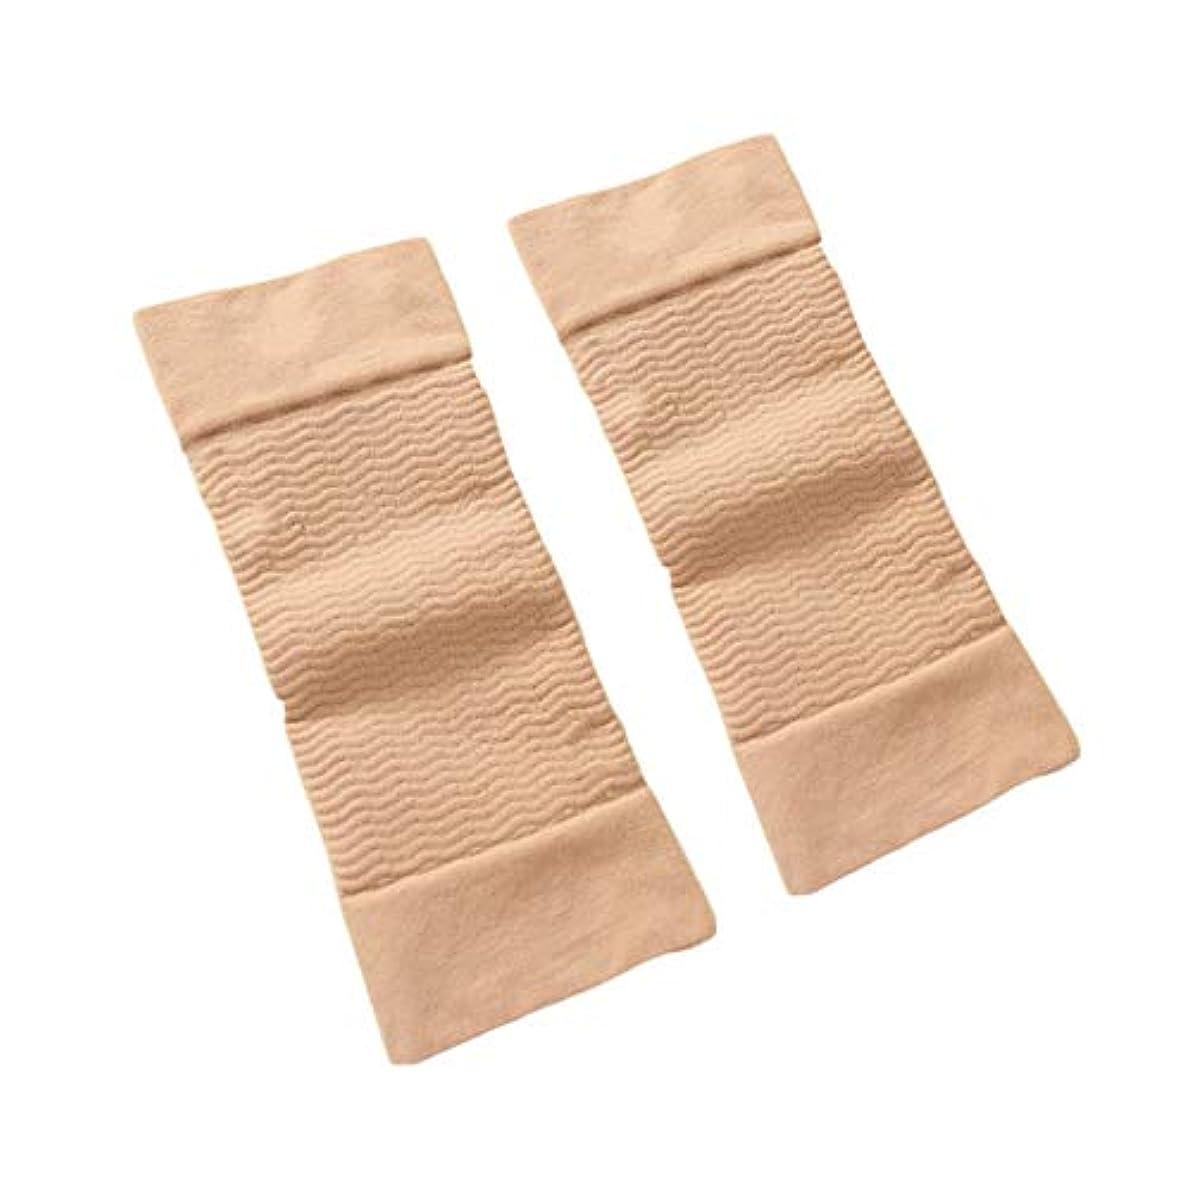 消費するオーバーヘッド浴室1ペア420 D圧縮痩身アームスリーブワークアウトトーニングバーンセルライトシェイパー脂肪燃焼袖用女性 - 肌色